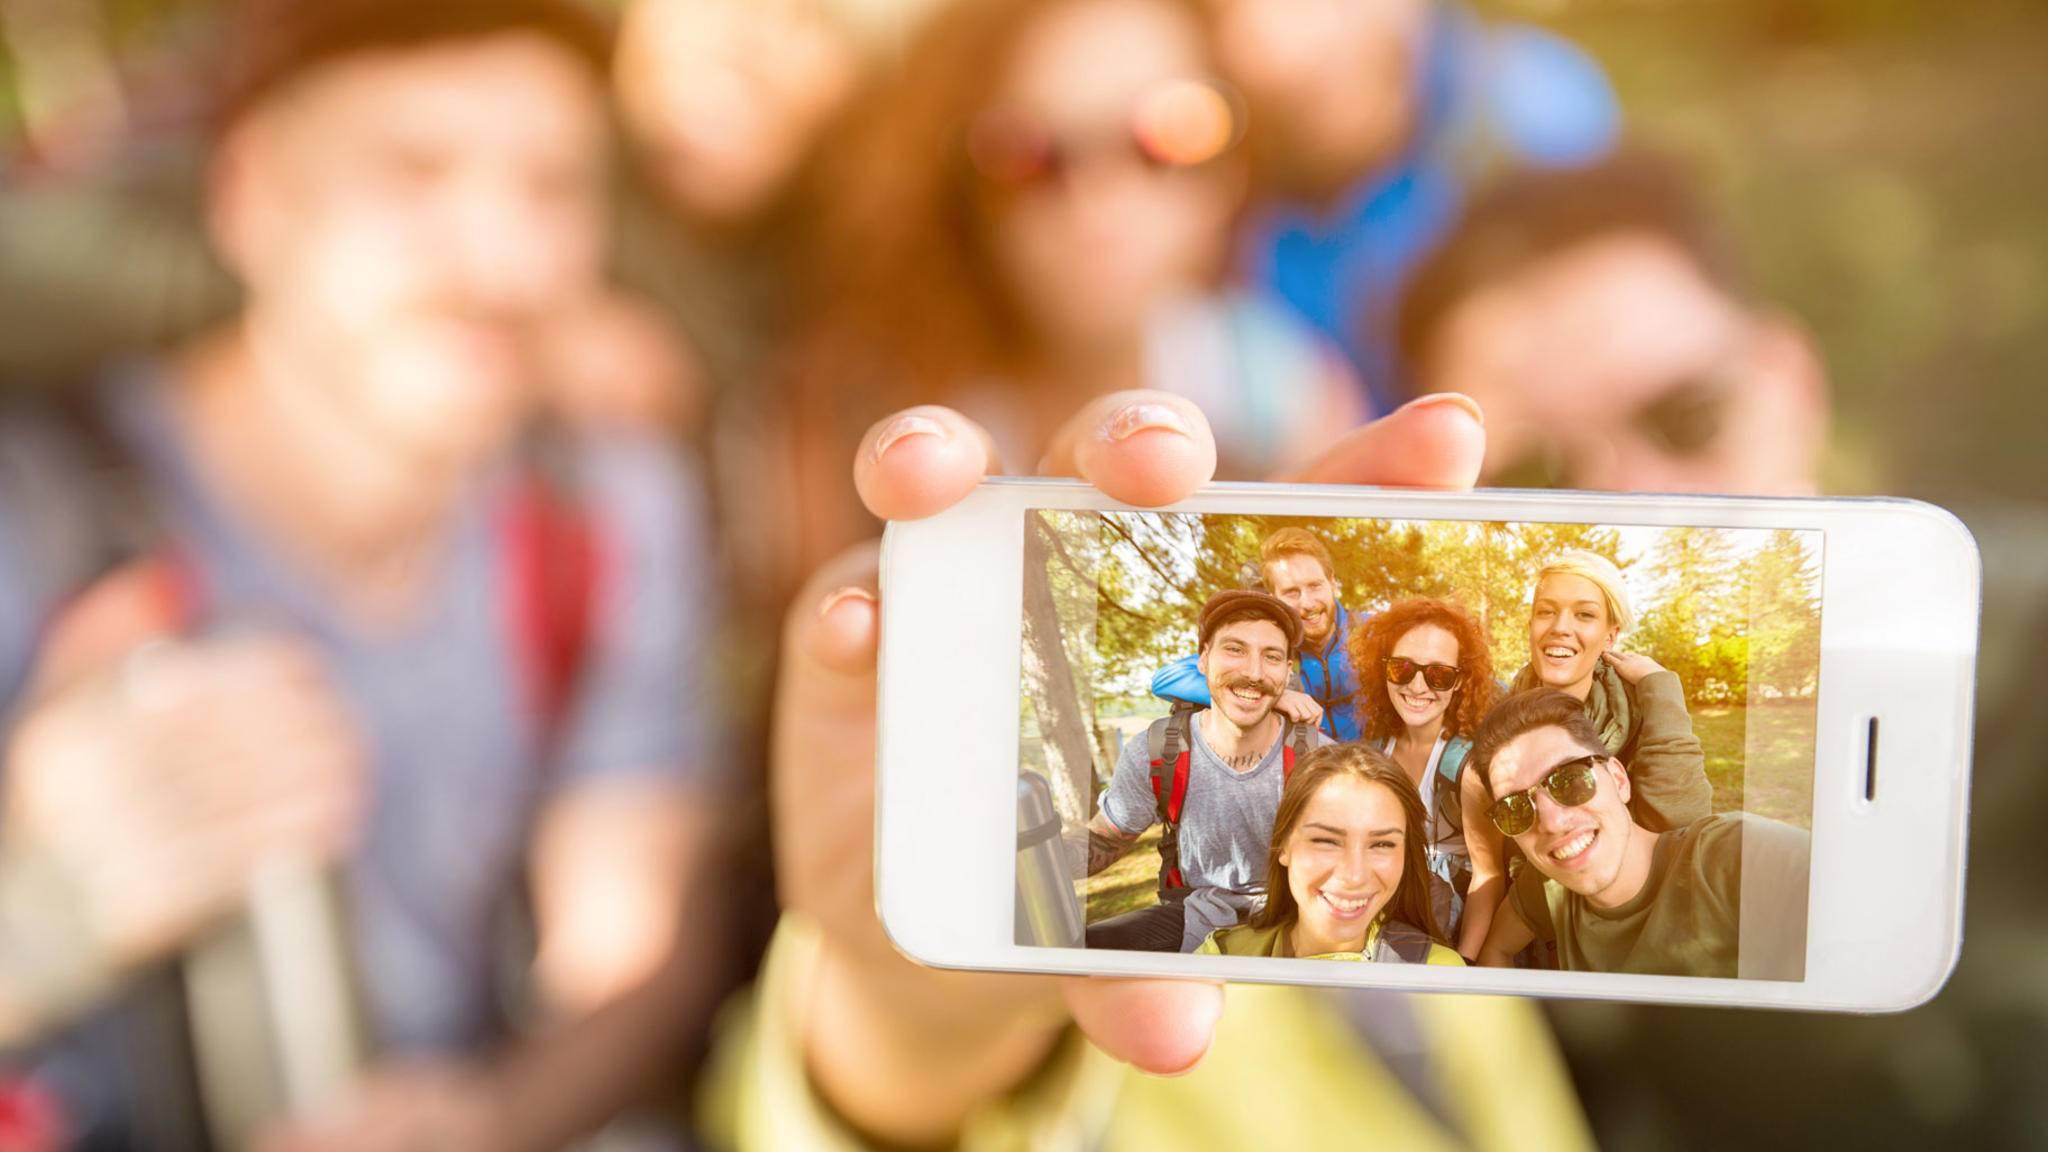 Du willst ein Selfie bearbeiten? Dann solltest Du das iPhone-Foto vorher besser duplizieren.